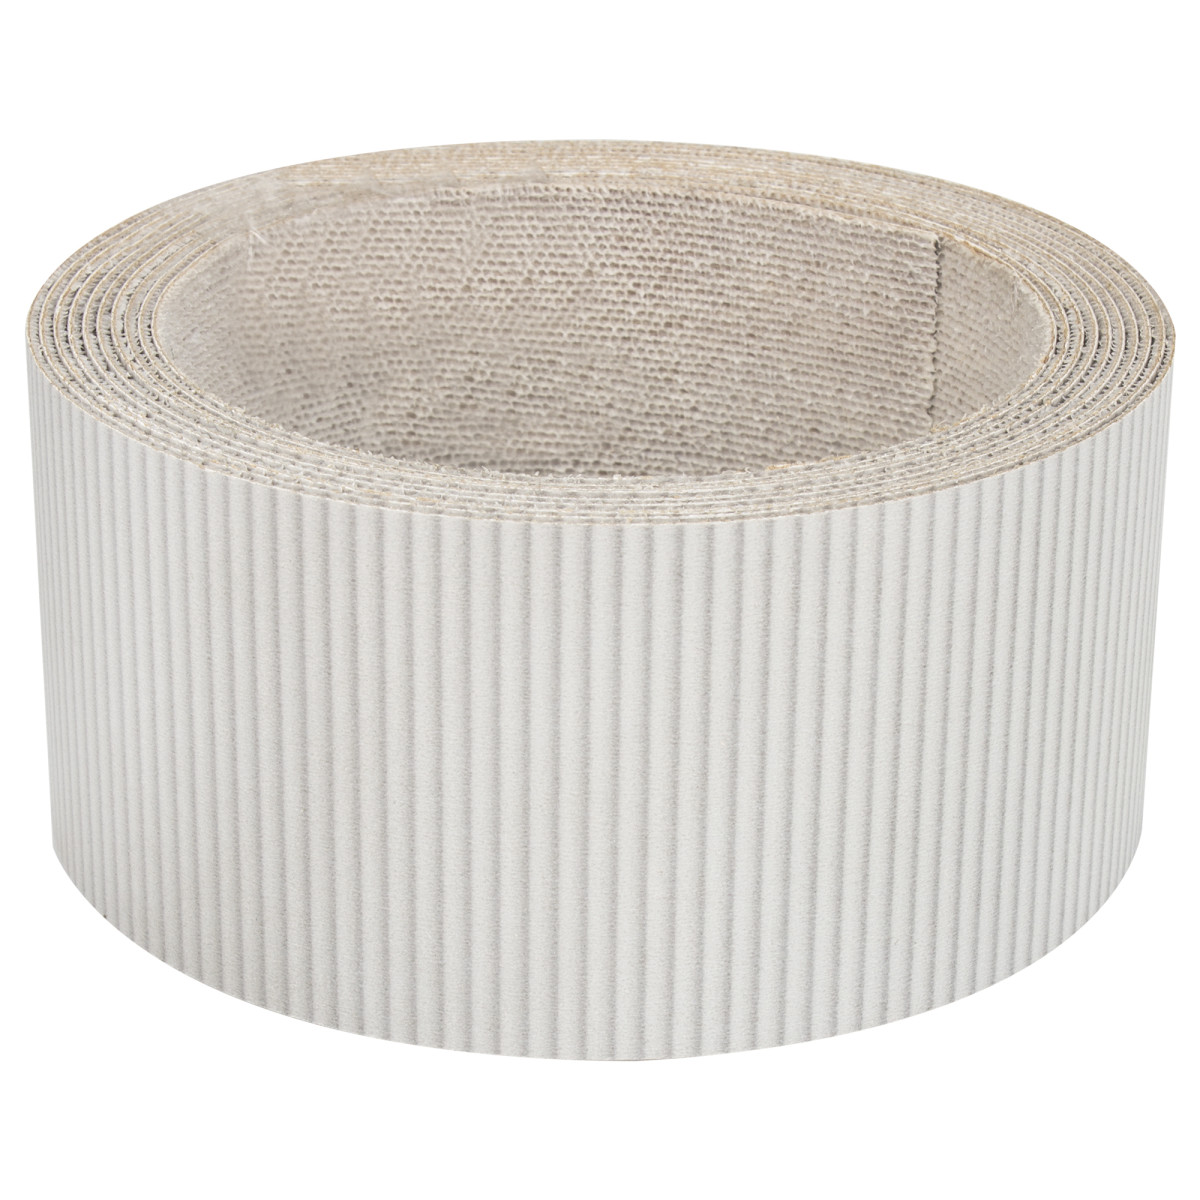 Кромка №142 с клеем для столешницы 300х5 см цвет алюминиевая рябь